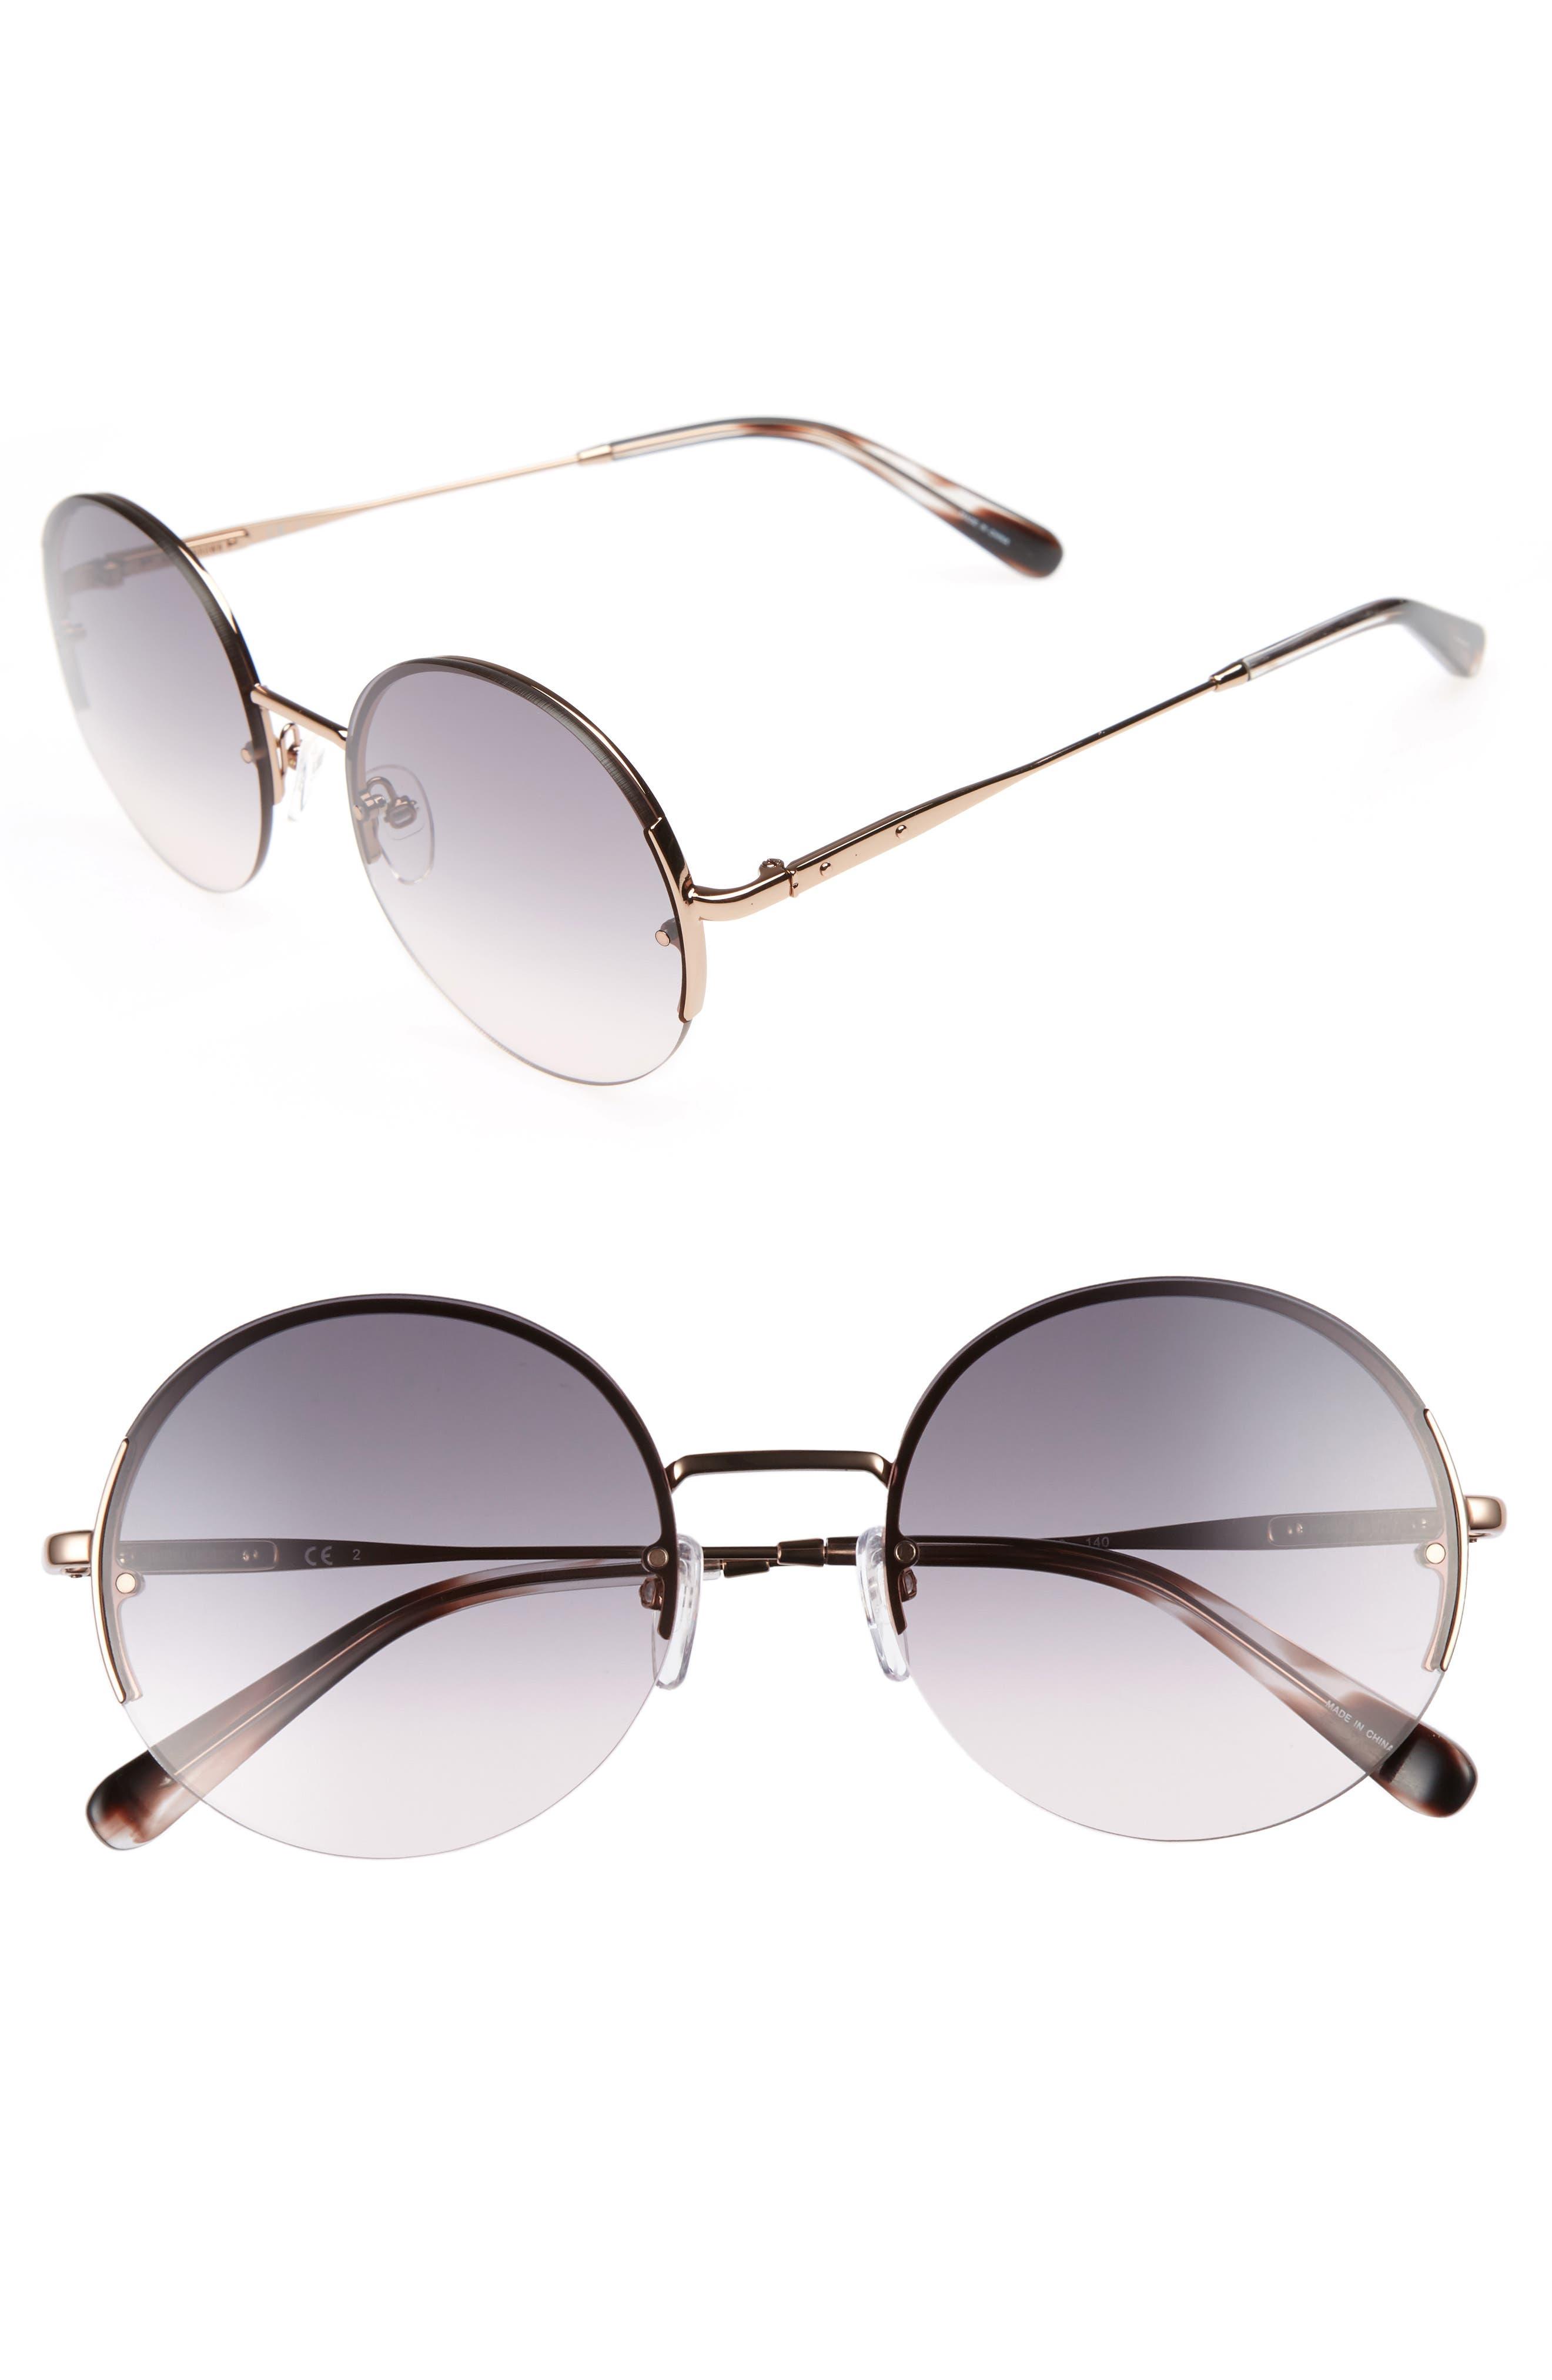 55mm Round Sunglasses,                         Main,                         color, Gold/ Copper